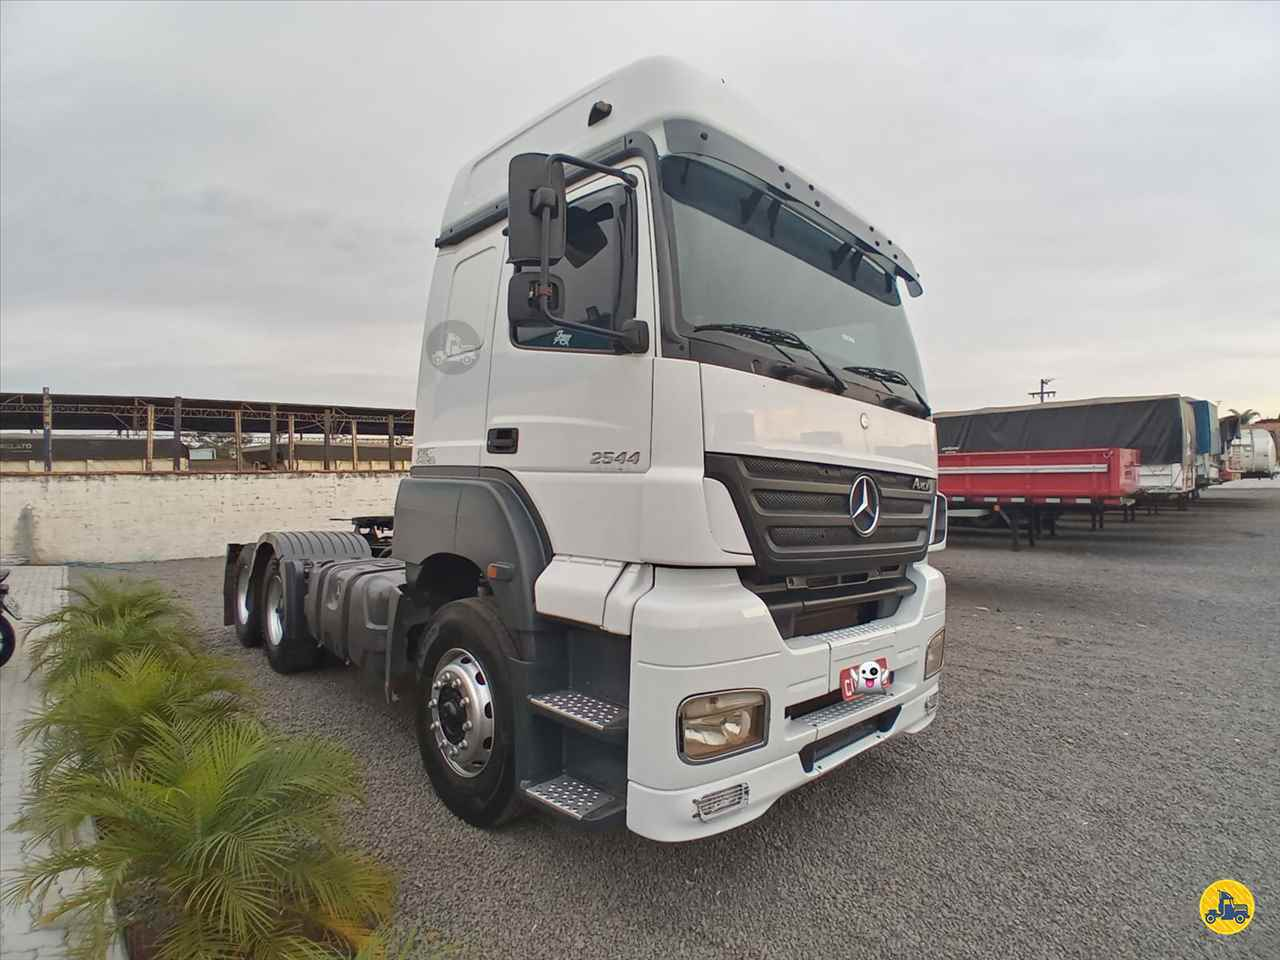 CAMINHAO MERCEDES-BENZ MB 2544 Cavalo Mecânico Truck 6x2 Ebenezer Caminhões e Carretas CAPAO BONITO SÃO PAULO SP